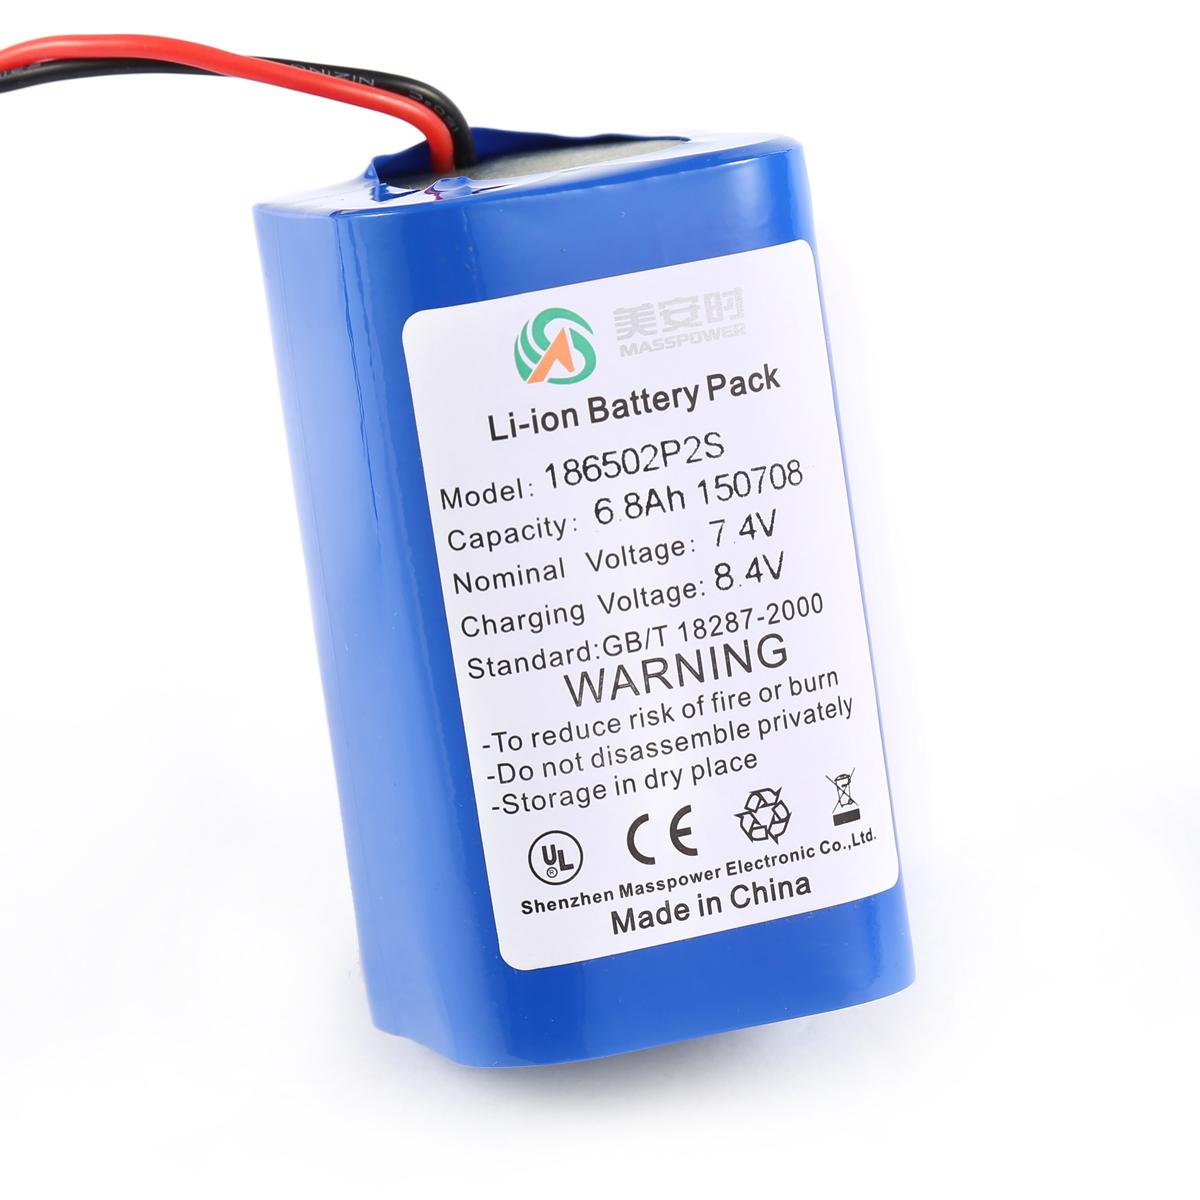 7.4V 6.8Ah丨矿灯锂电池